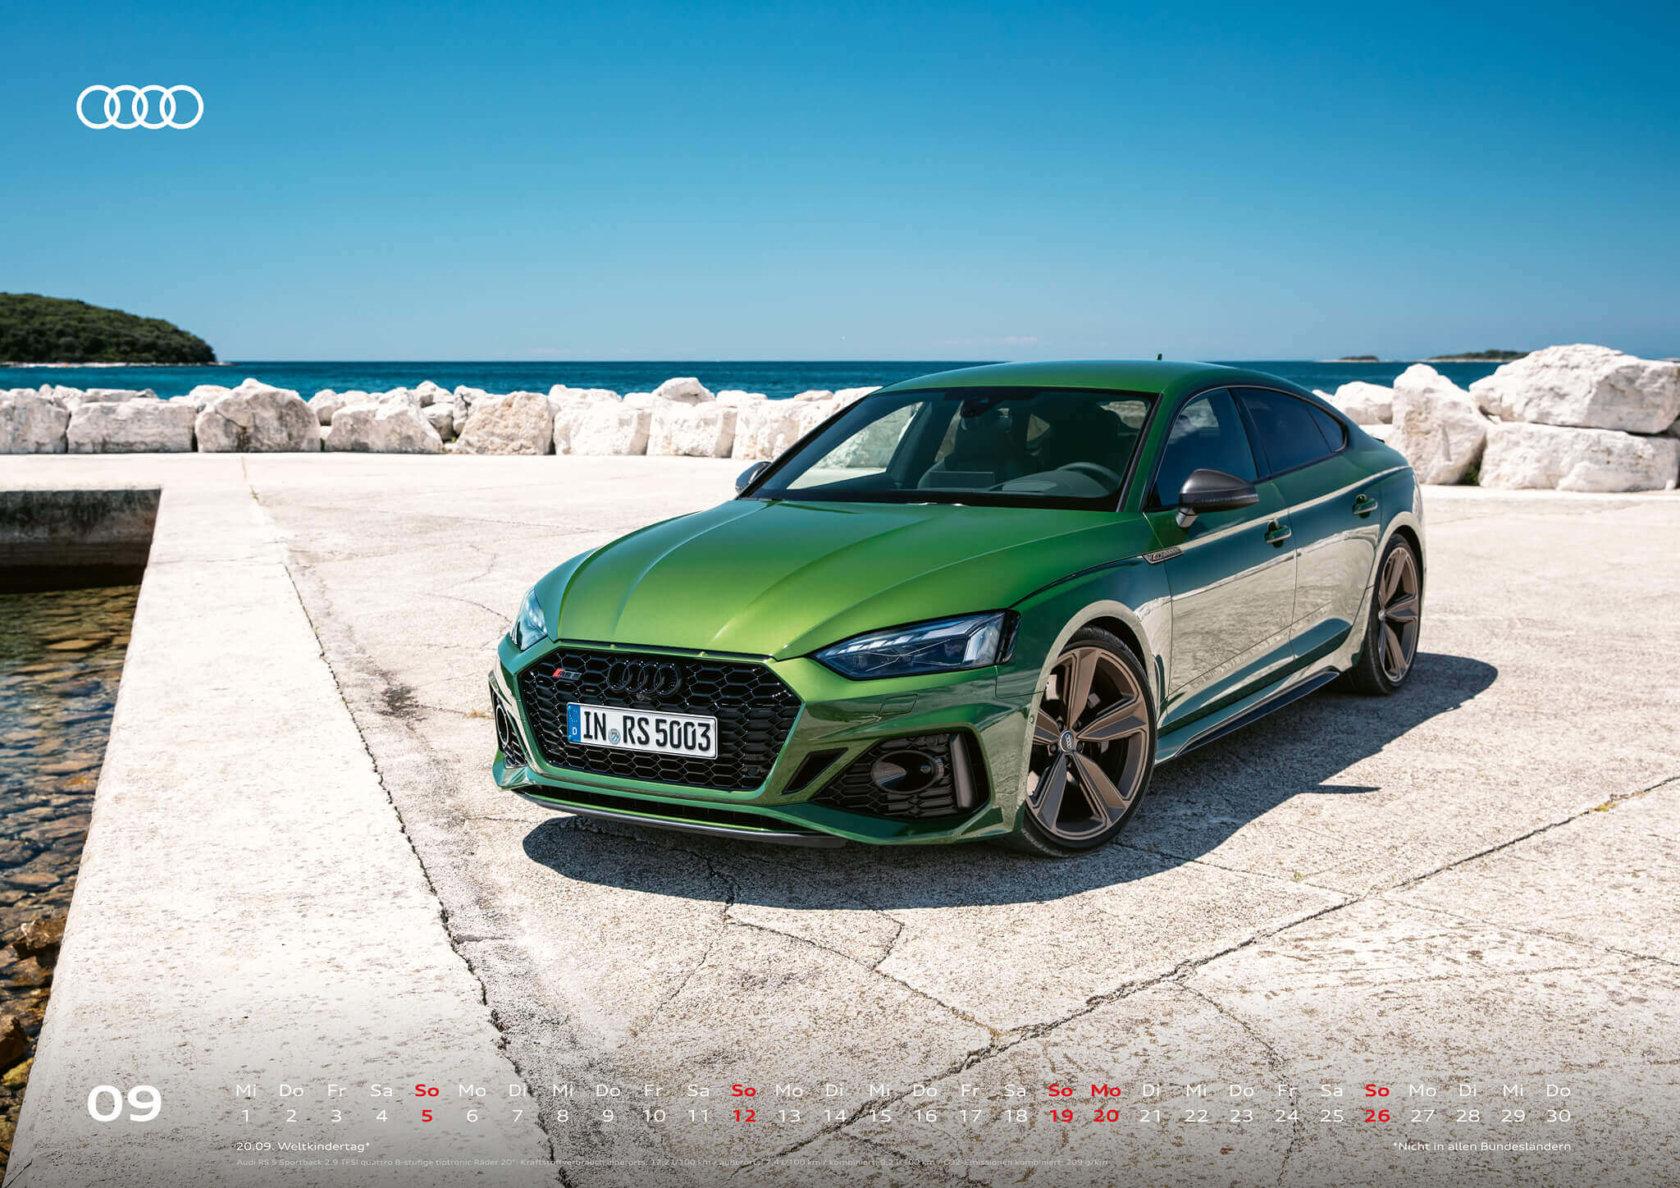 Audi Kalender 2021 - DIN A2 / Audi RS5 Sportback